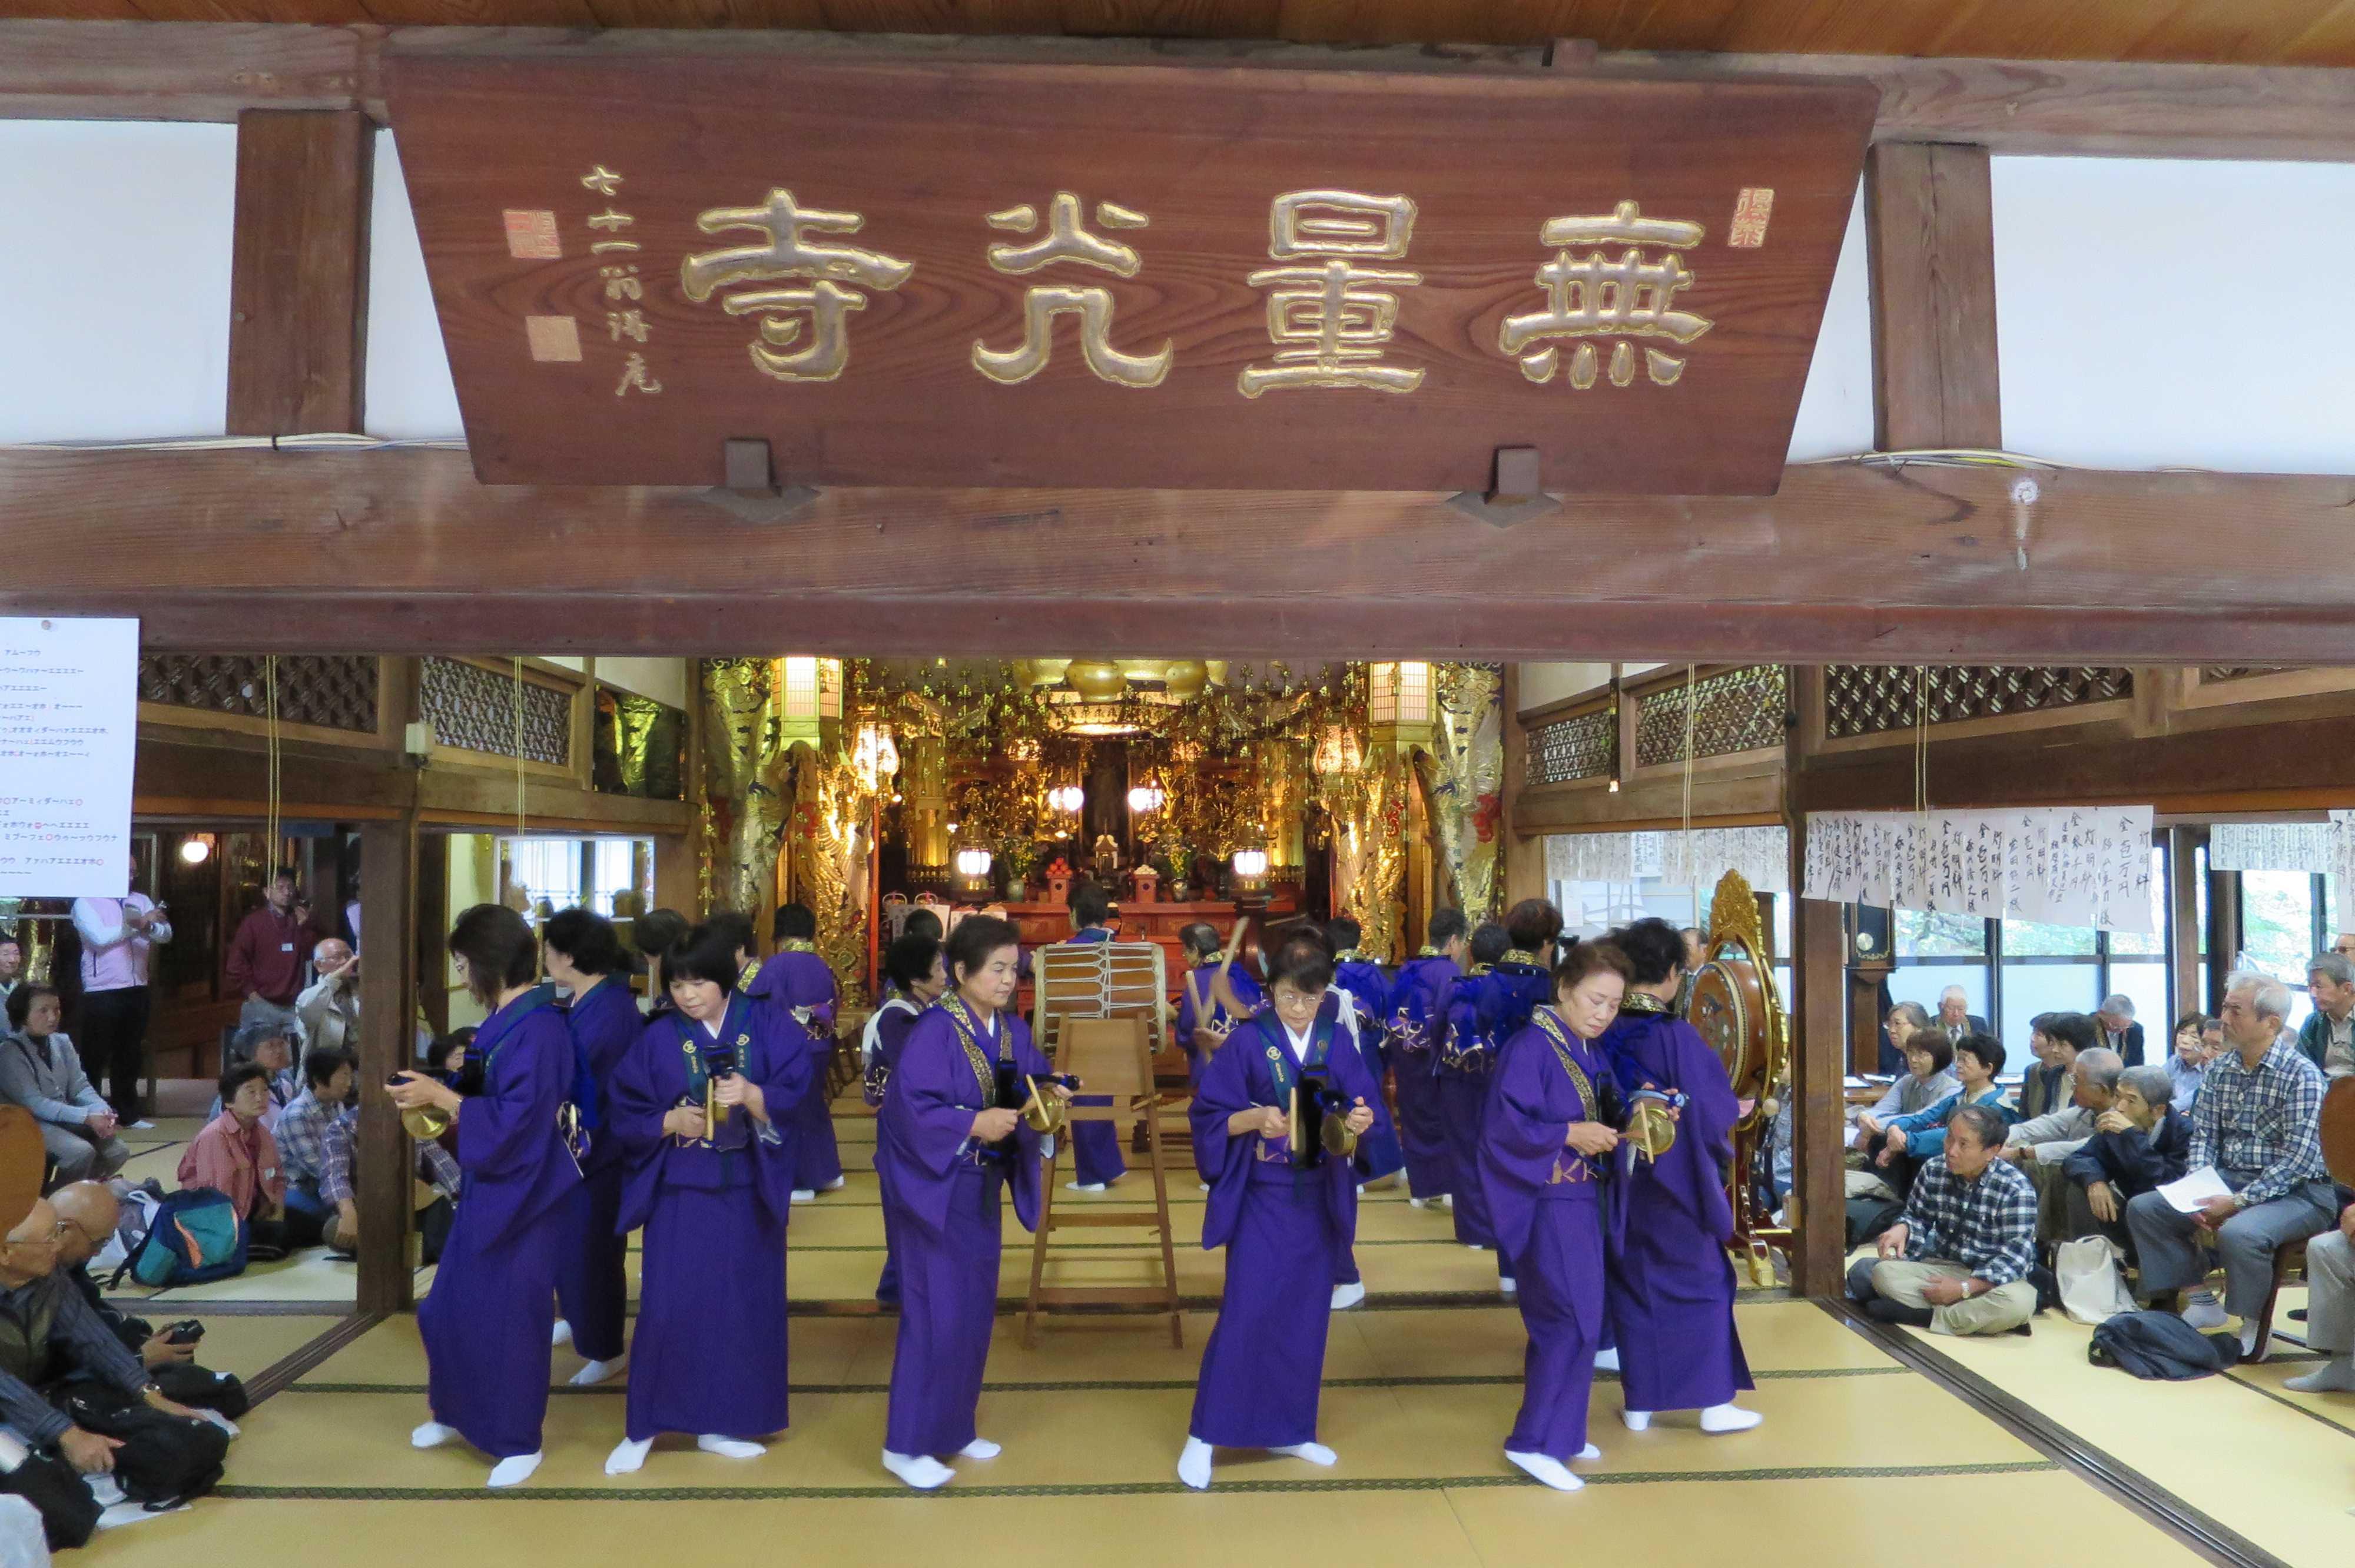 無量光寺の踊り念仏 - すばらしい風景